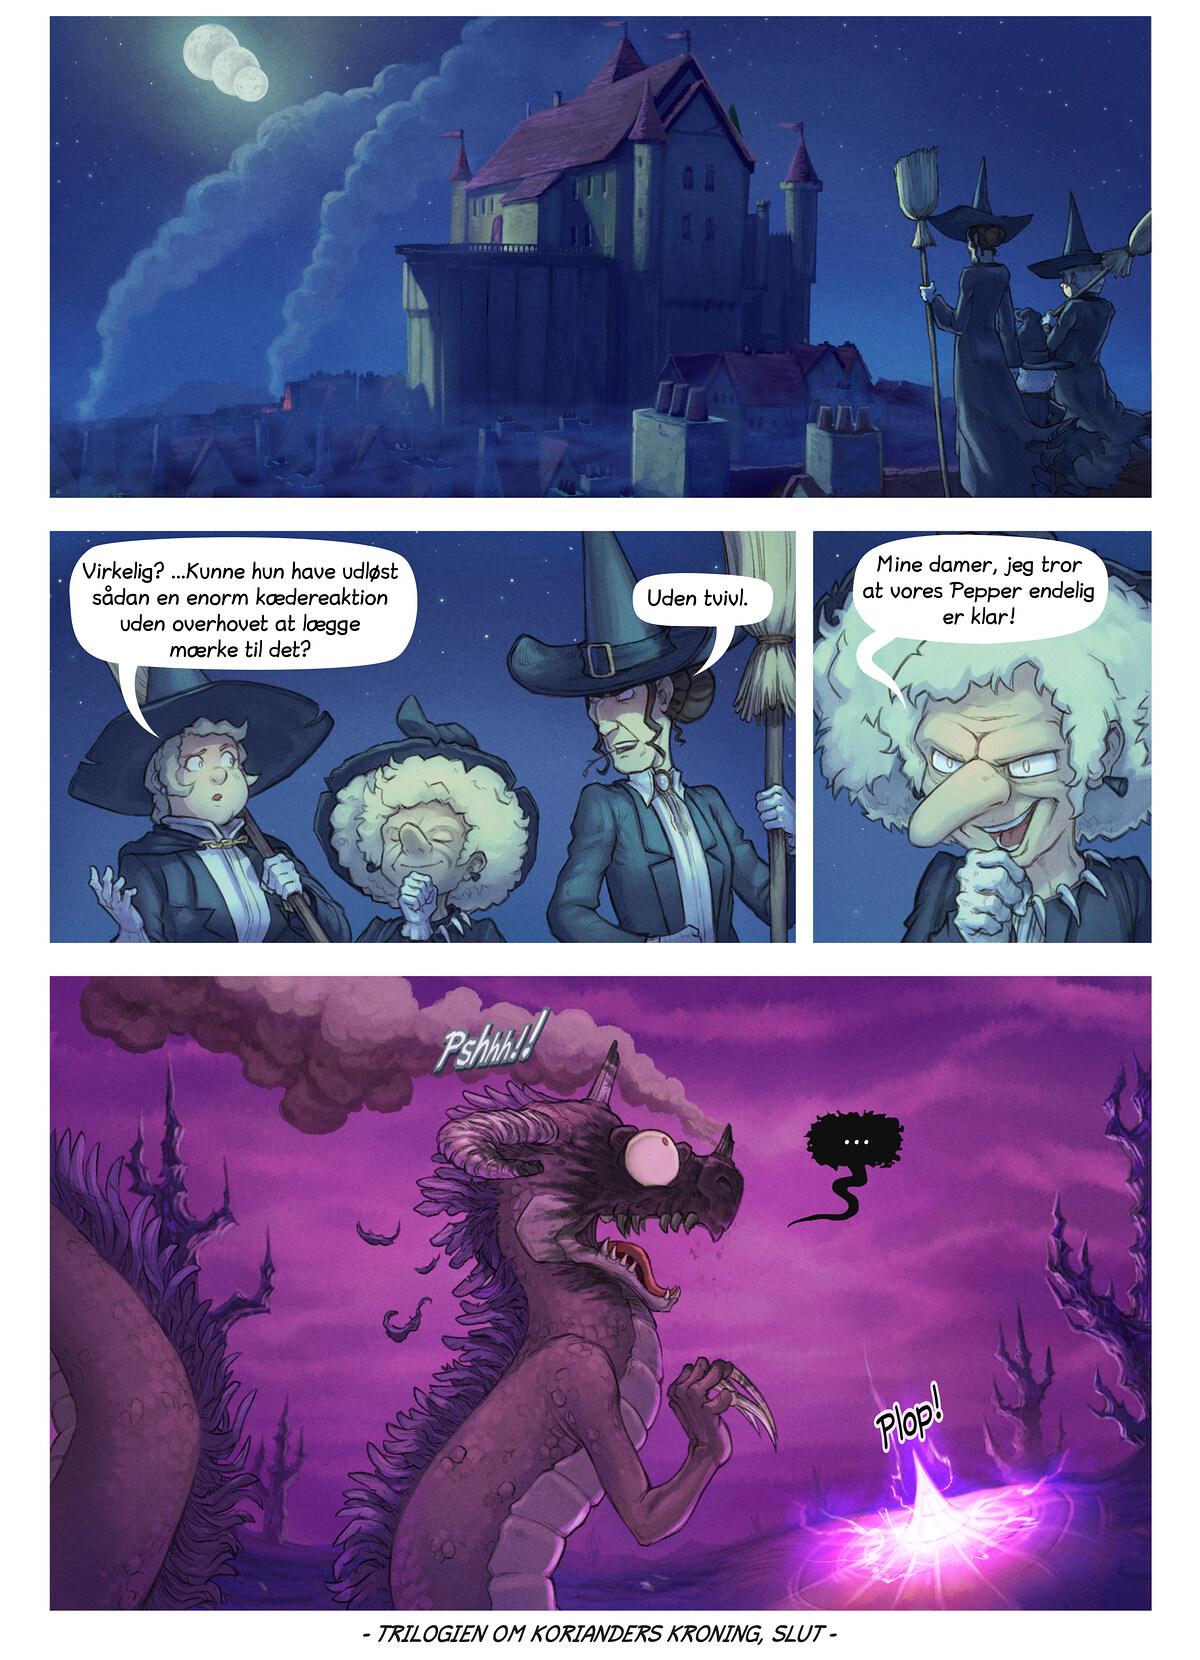 Episode 29: Verdens-ødelæggeren, Page 8